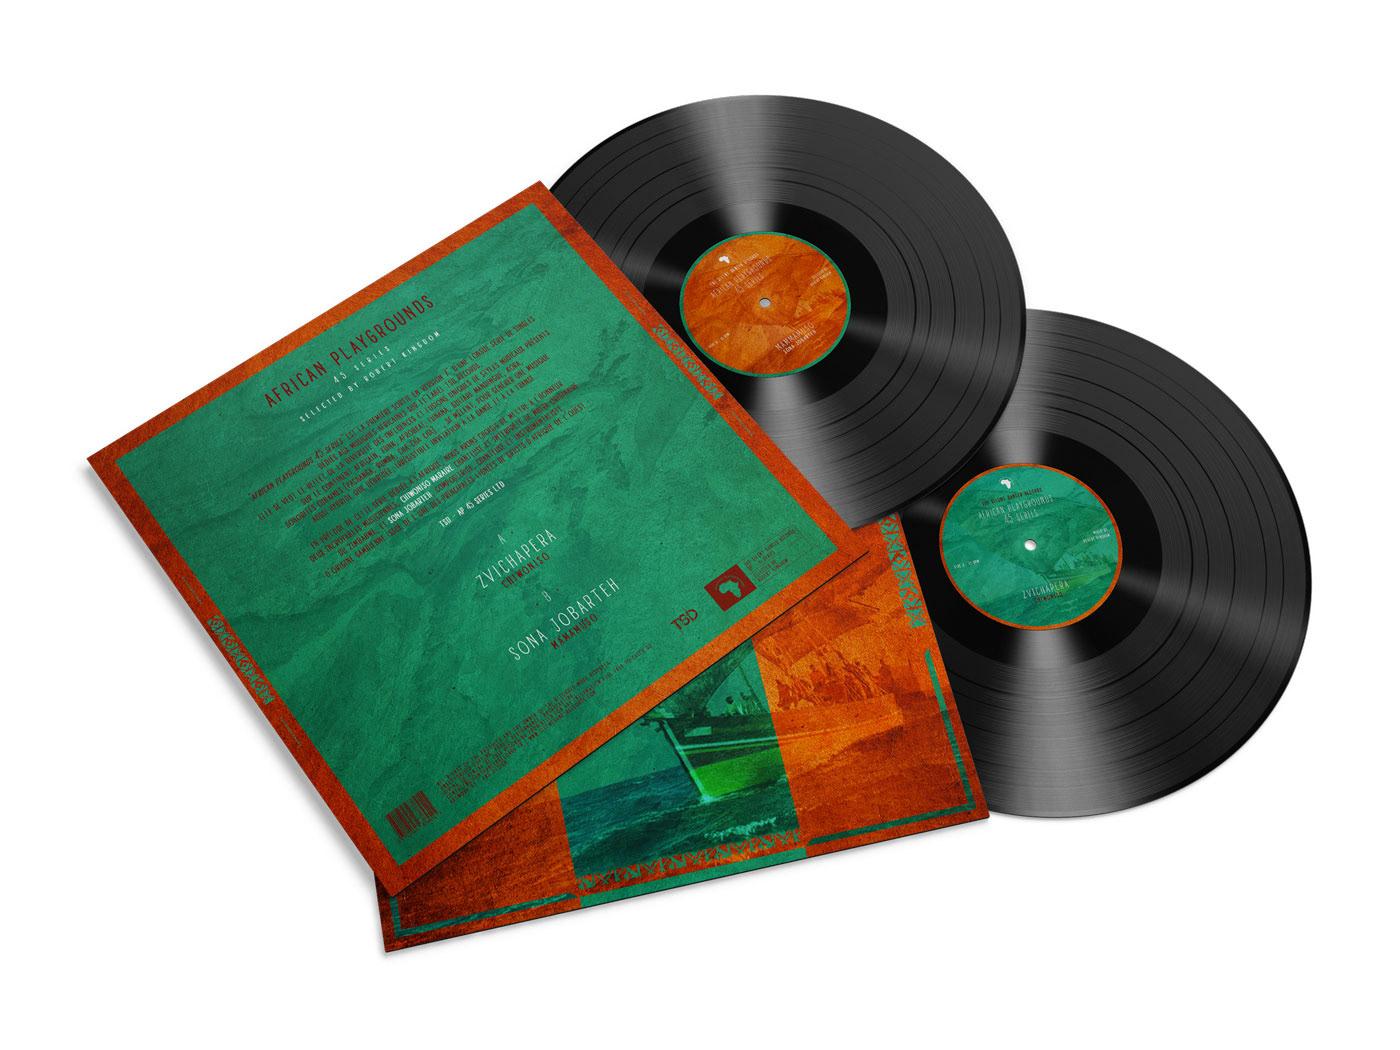 graphisme Musique vinyles artwork cover afrique